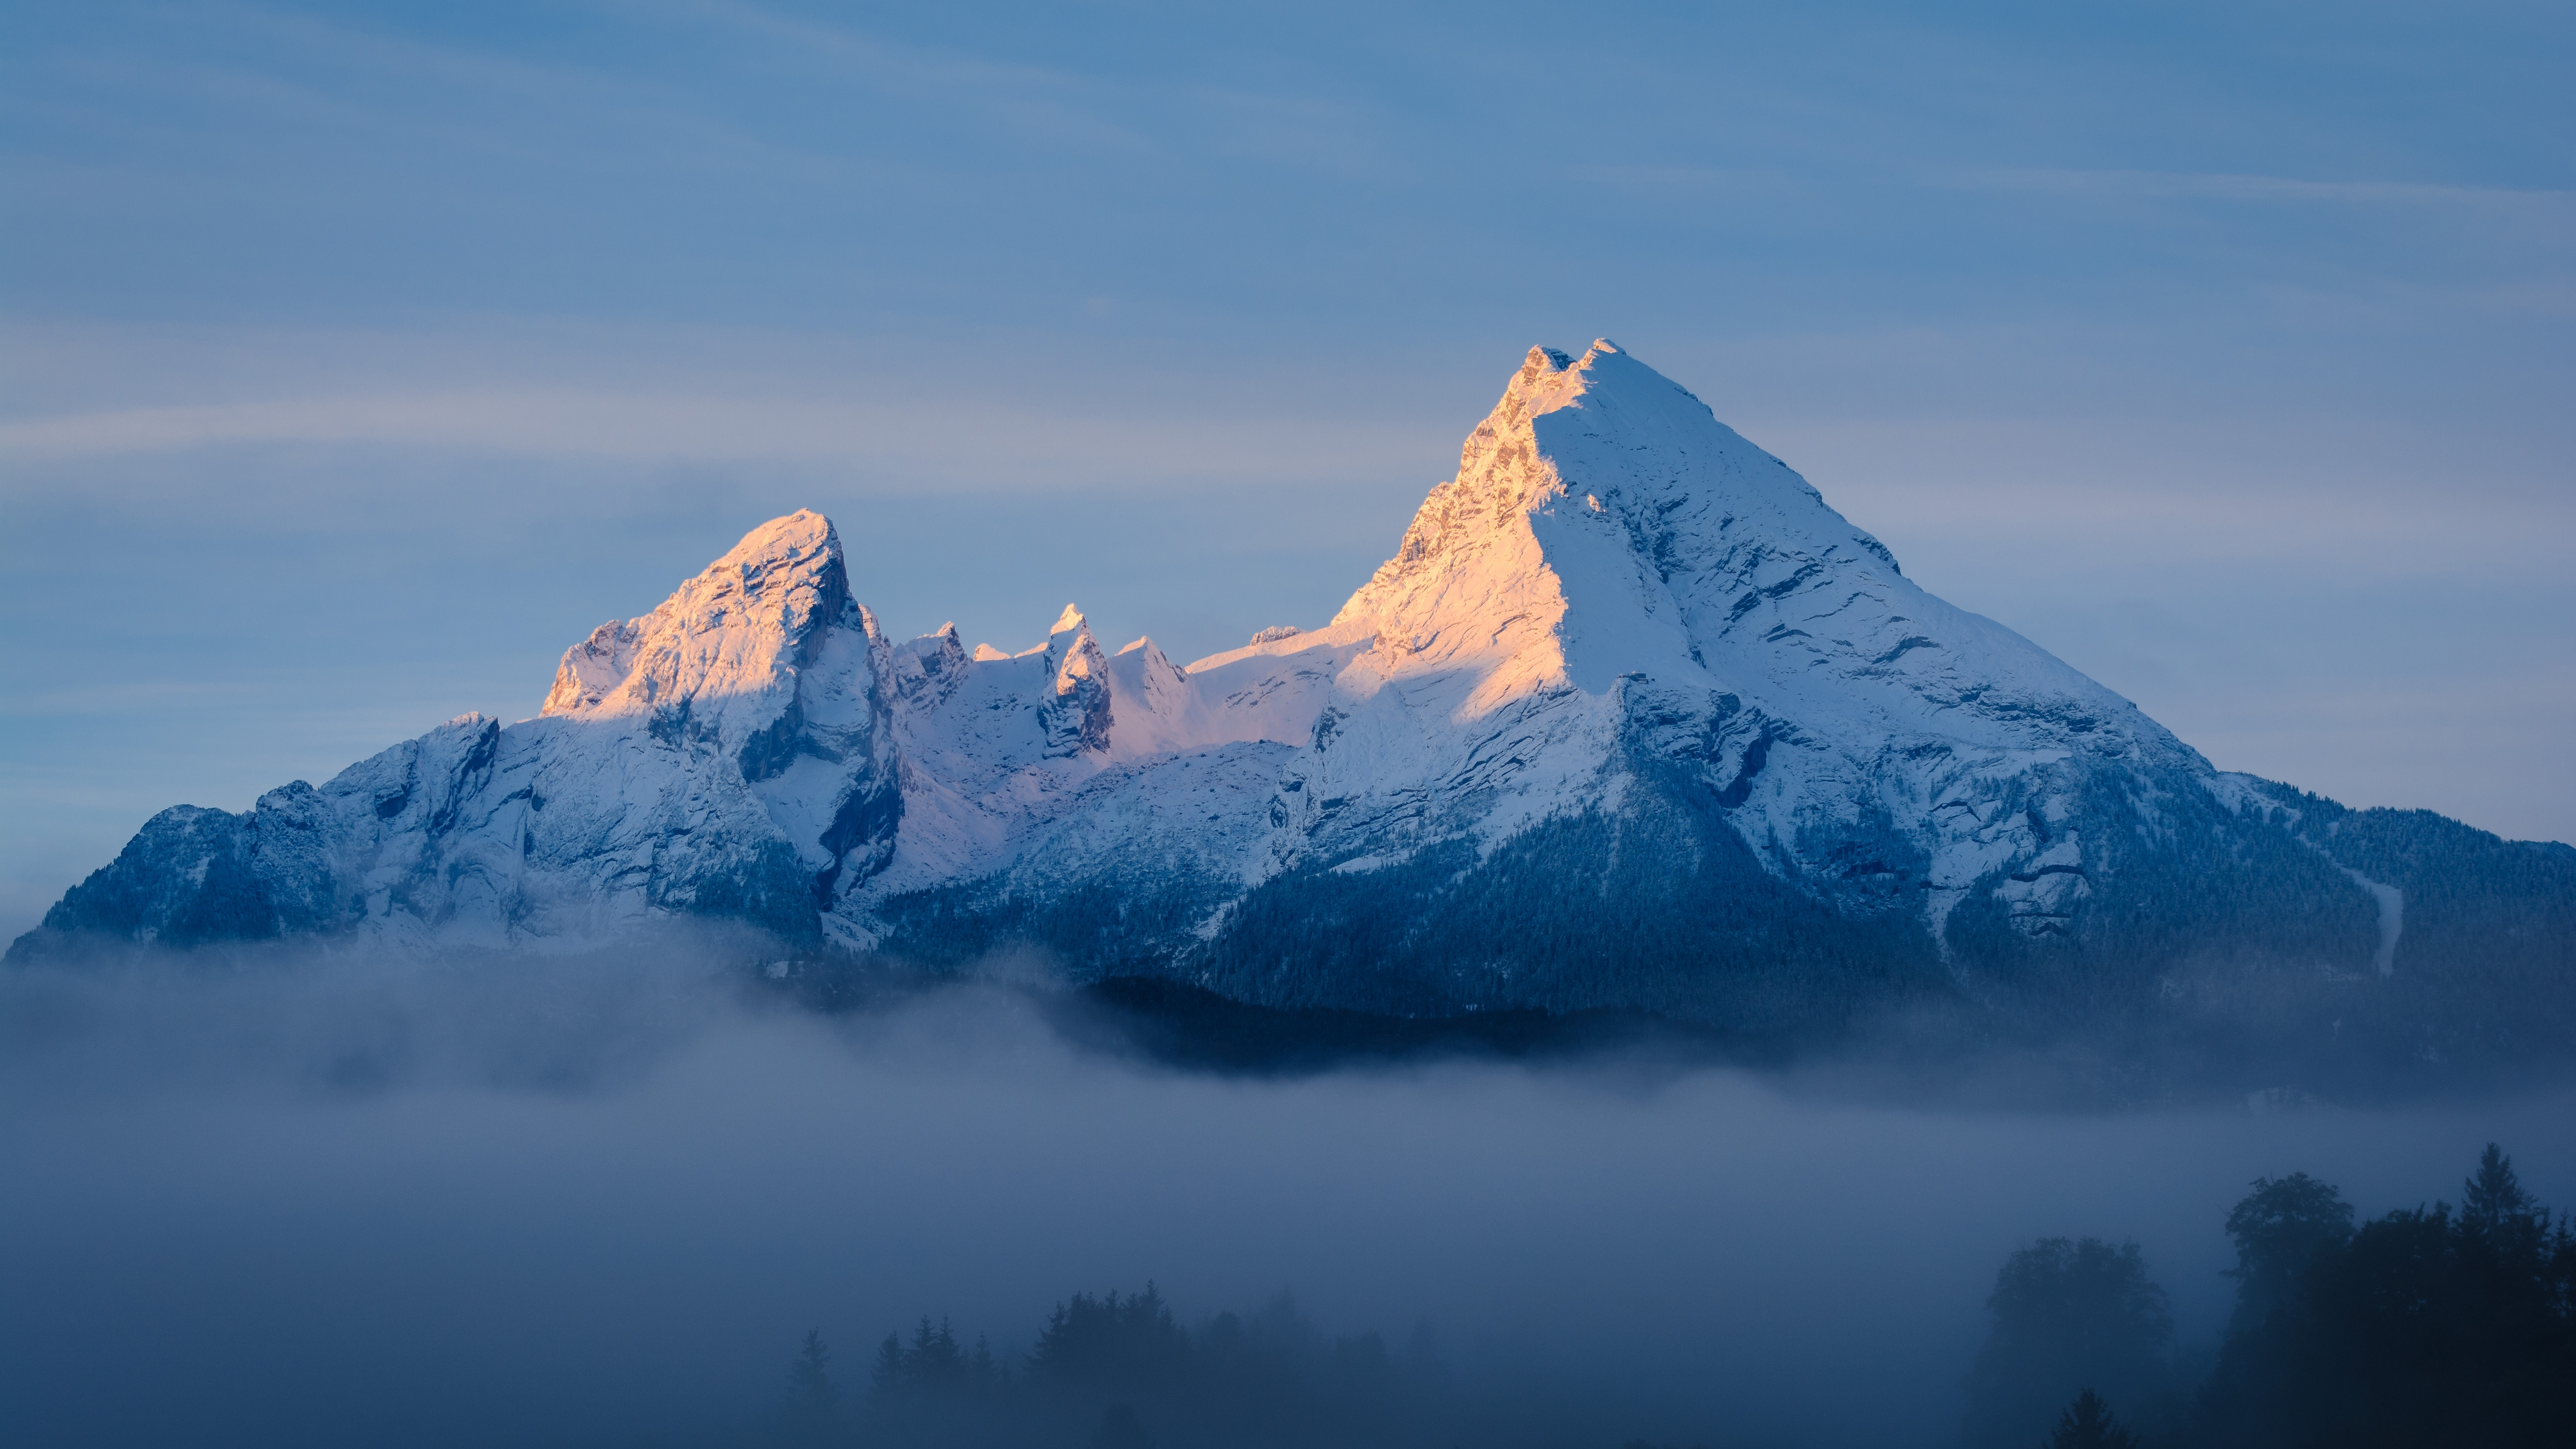 горы облака вершина в хорошем качестве